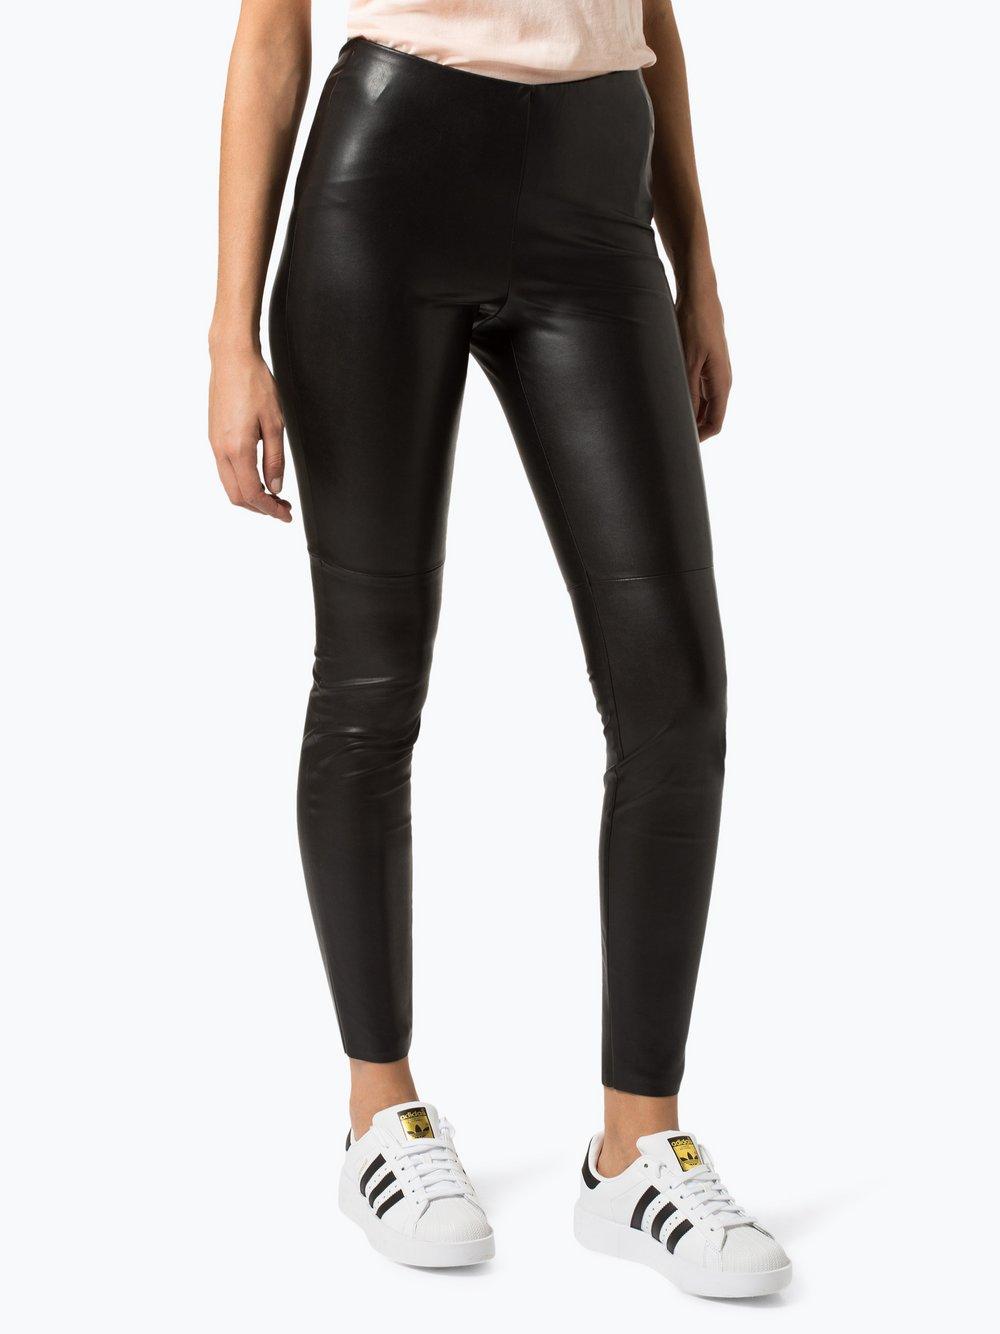 Cambio - Damskie spodnie z imitacji skóry – Randa, czarny